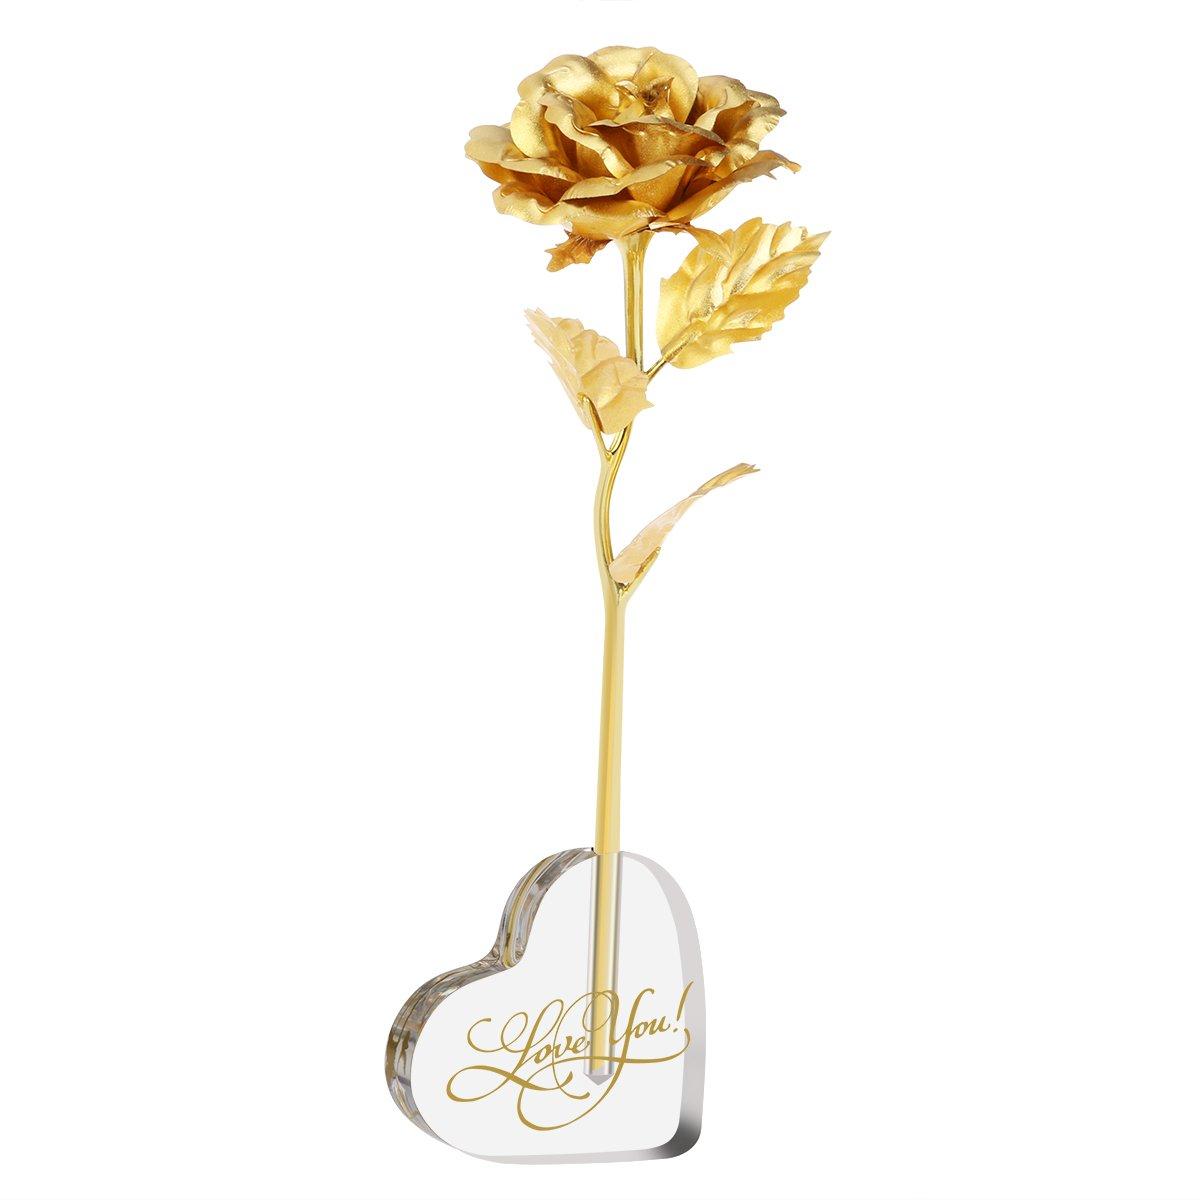 PIXNOR Blattgold Rose mit Acryl Herz fö rmigen Standfuß , Valentinstag Geschenk ,Hochzeitsgeschenk ,Mutter Tag Geschenk Geburtstag Geschenk Geburtstagsgeschenk (Gold)